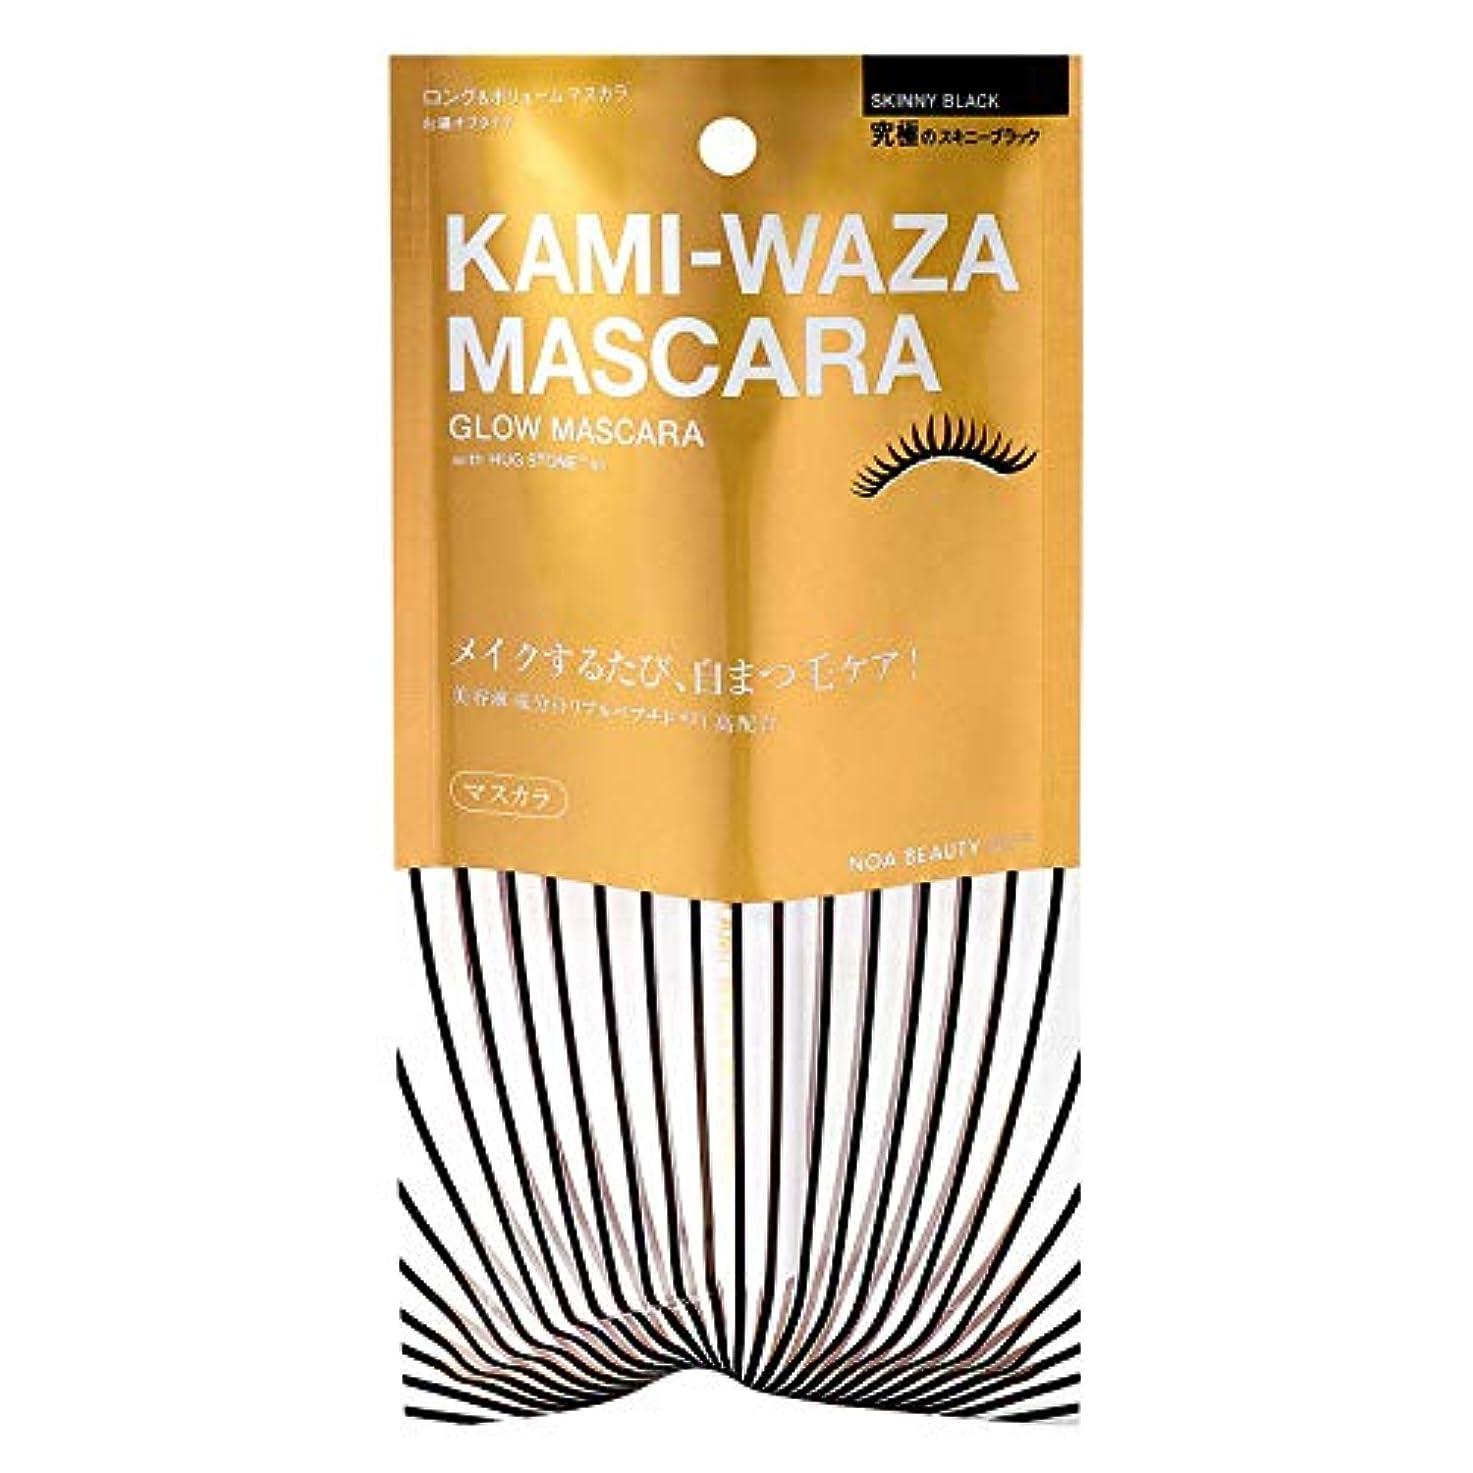 郵便声を出してアソシエイトKAMI-WAZA(カミワザ) MASCARA 〈美容マスカラ〉 KWM01 (8g)